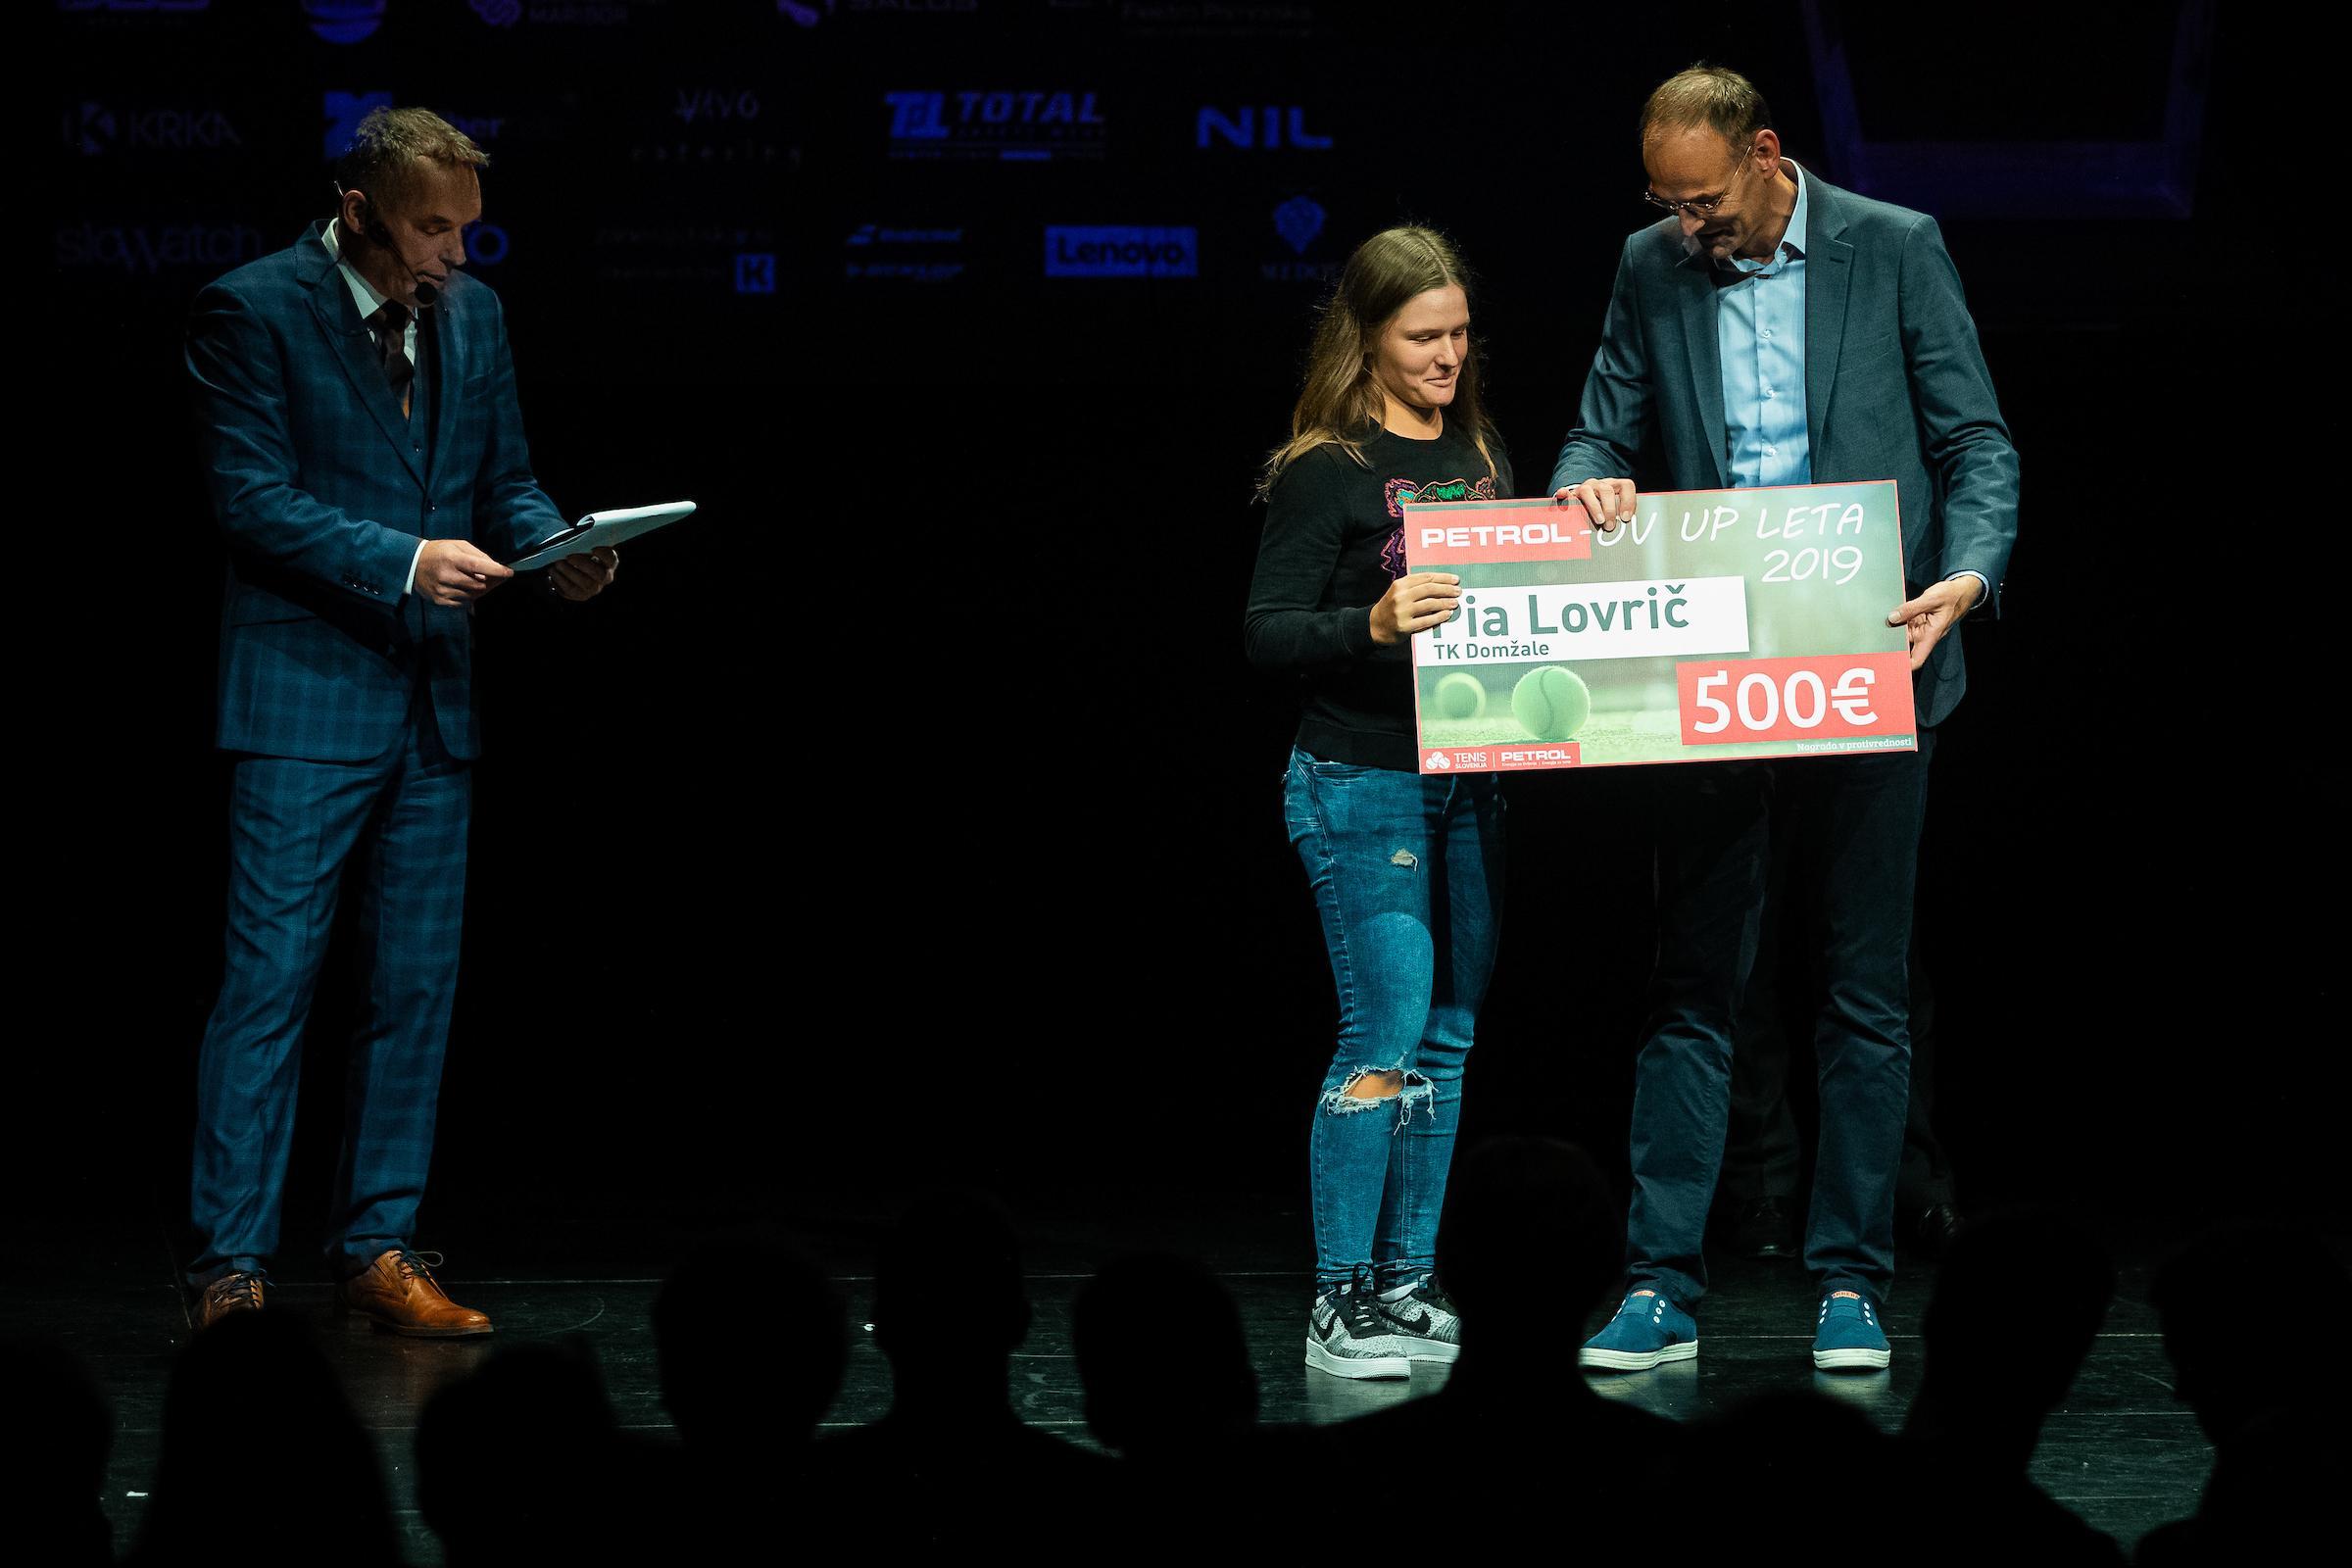 Pia Lovrič Aleksander Salkič Petrolov up leta 2019 - Zaključna prireditev Tenis Slovenije